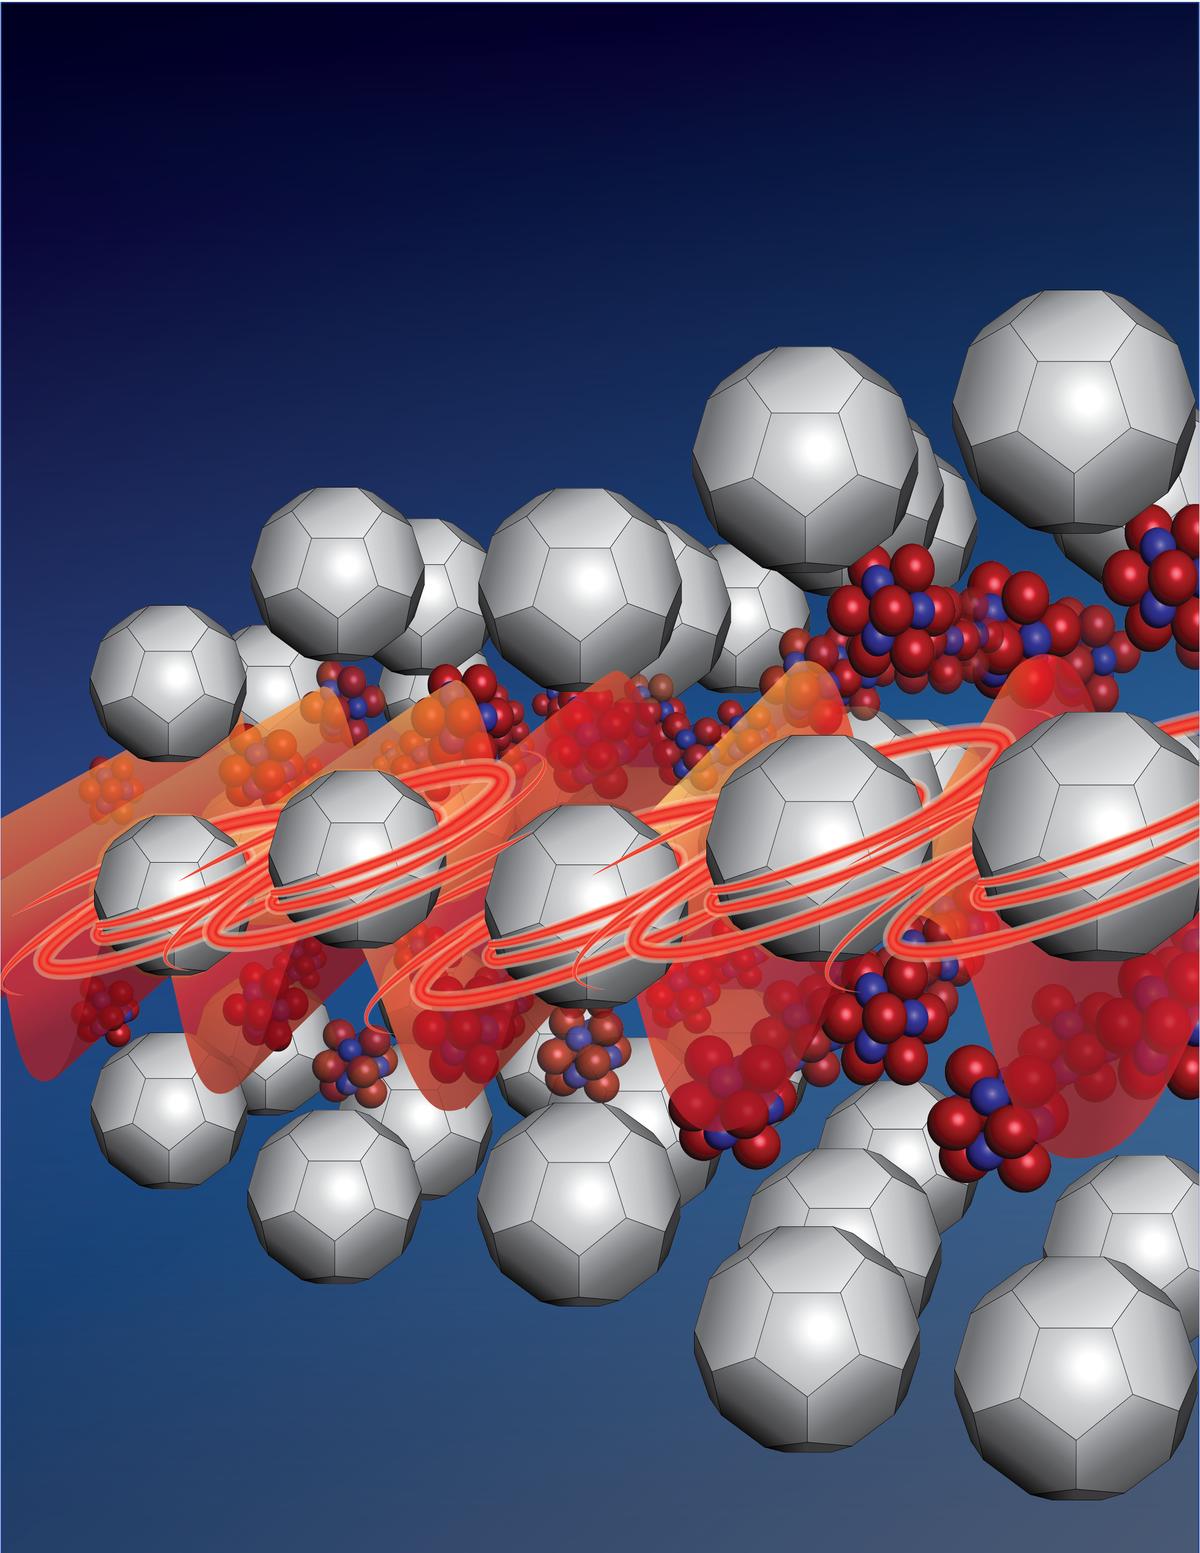 超原子與超原子晶體